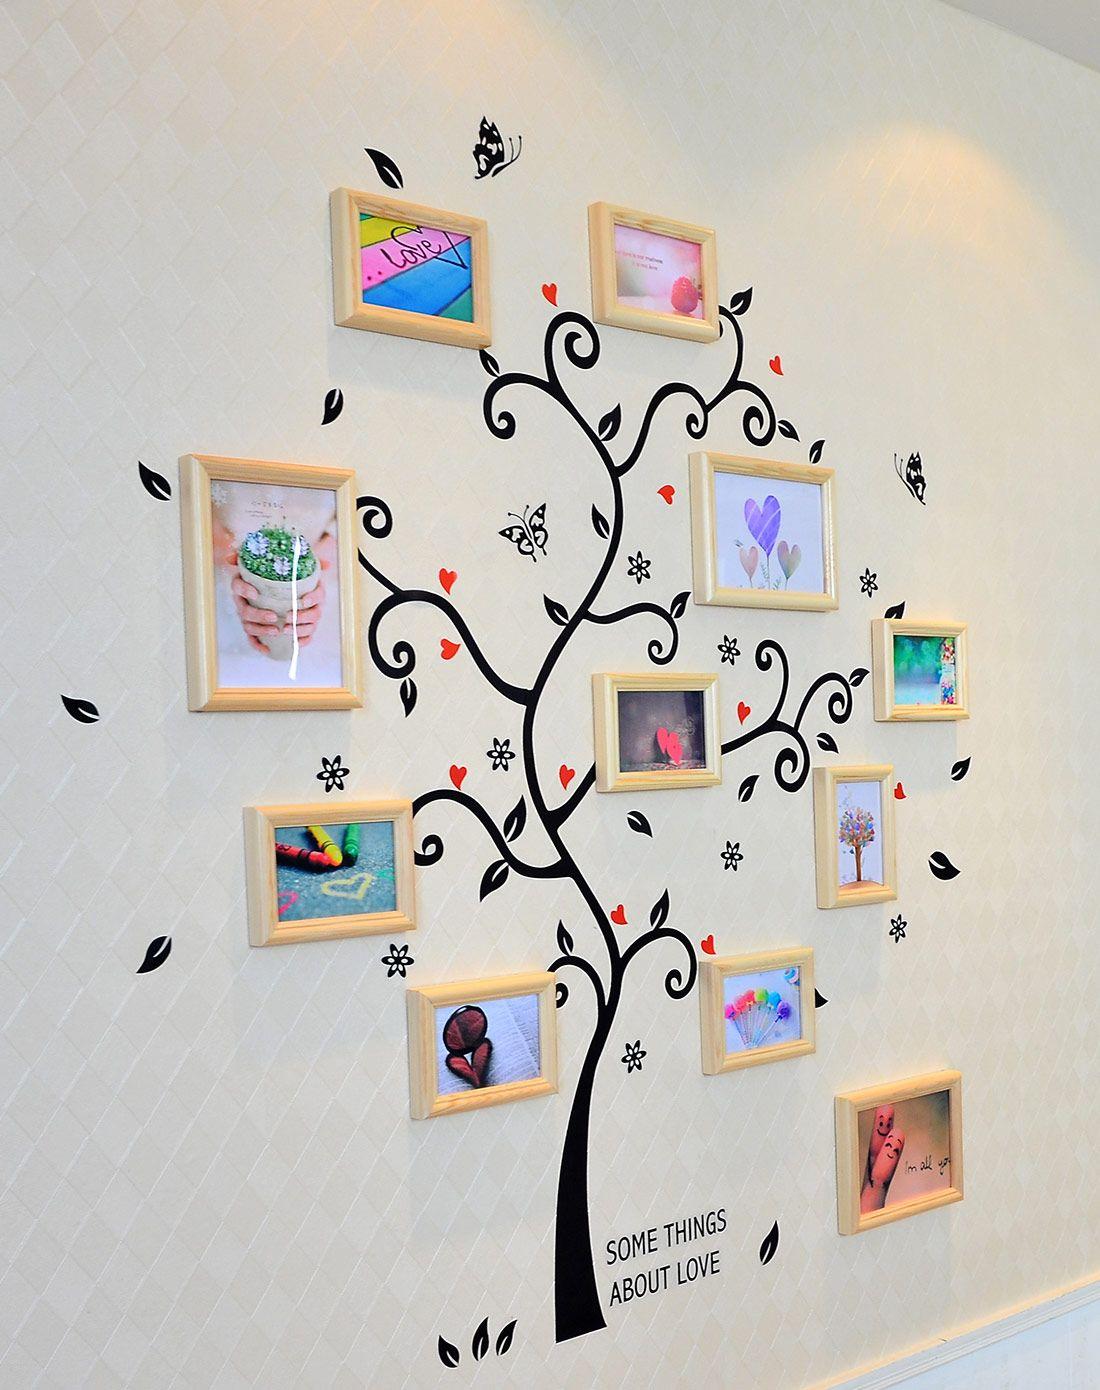 梓晨照片墙专场幸福树照片墙墙贴组合hd-308